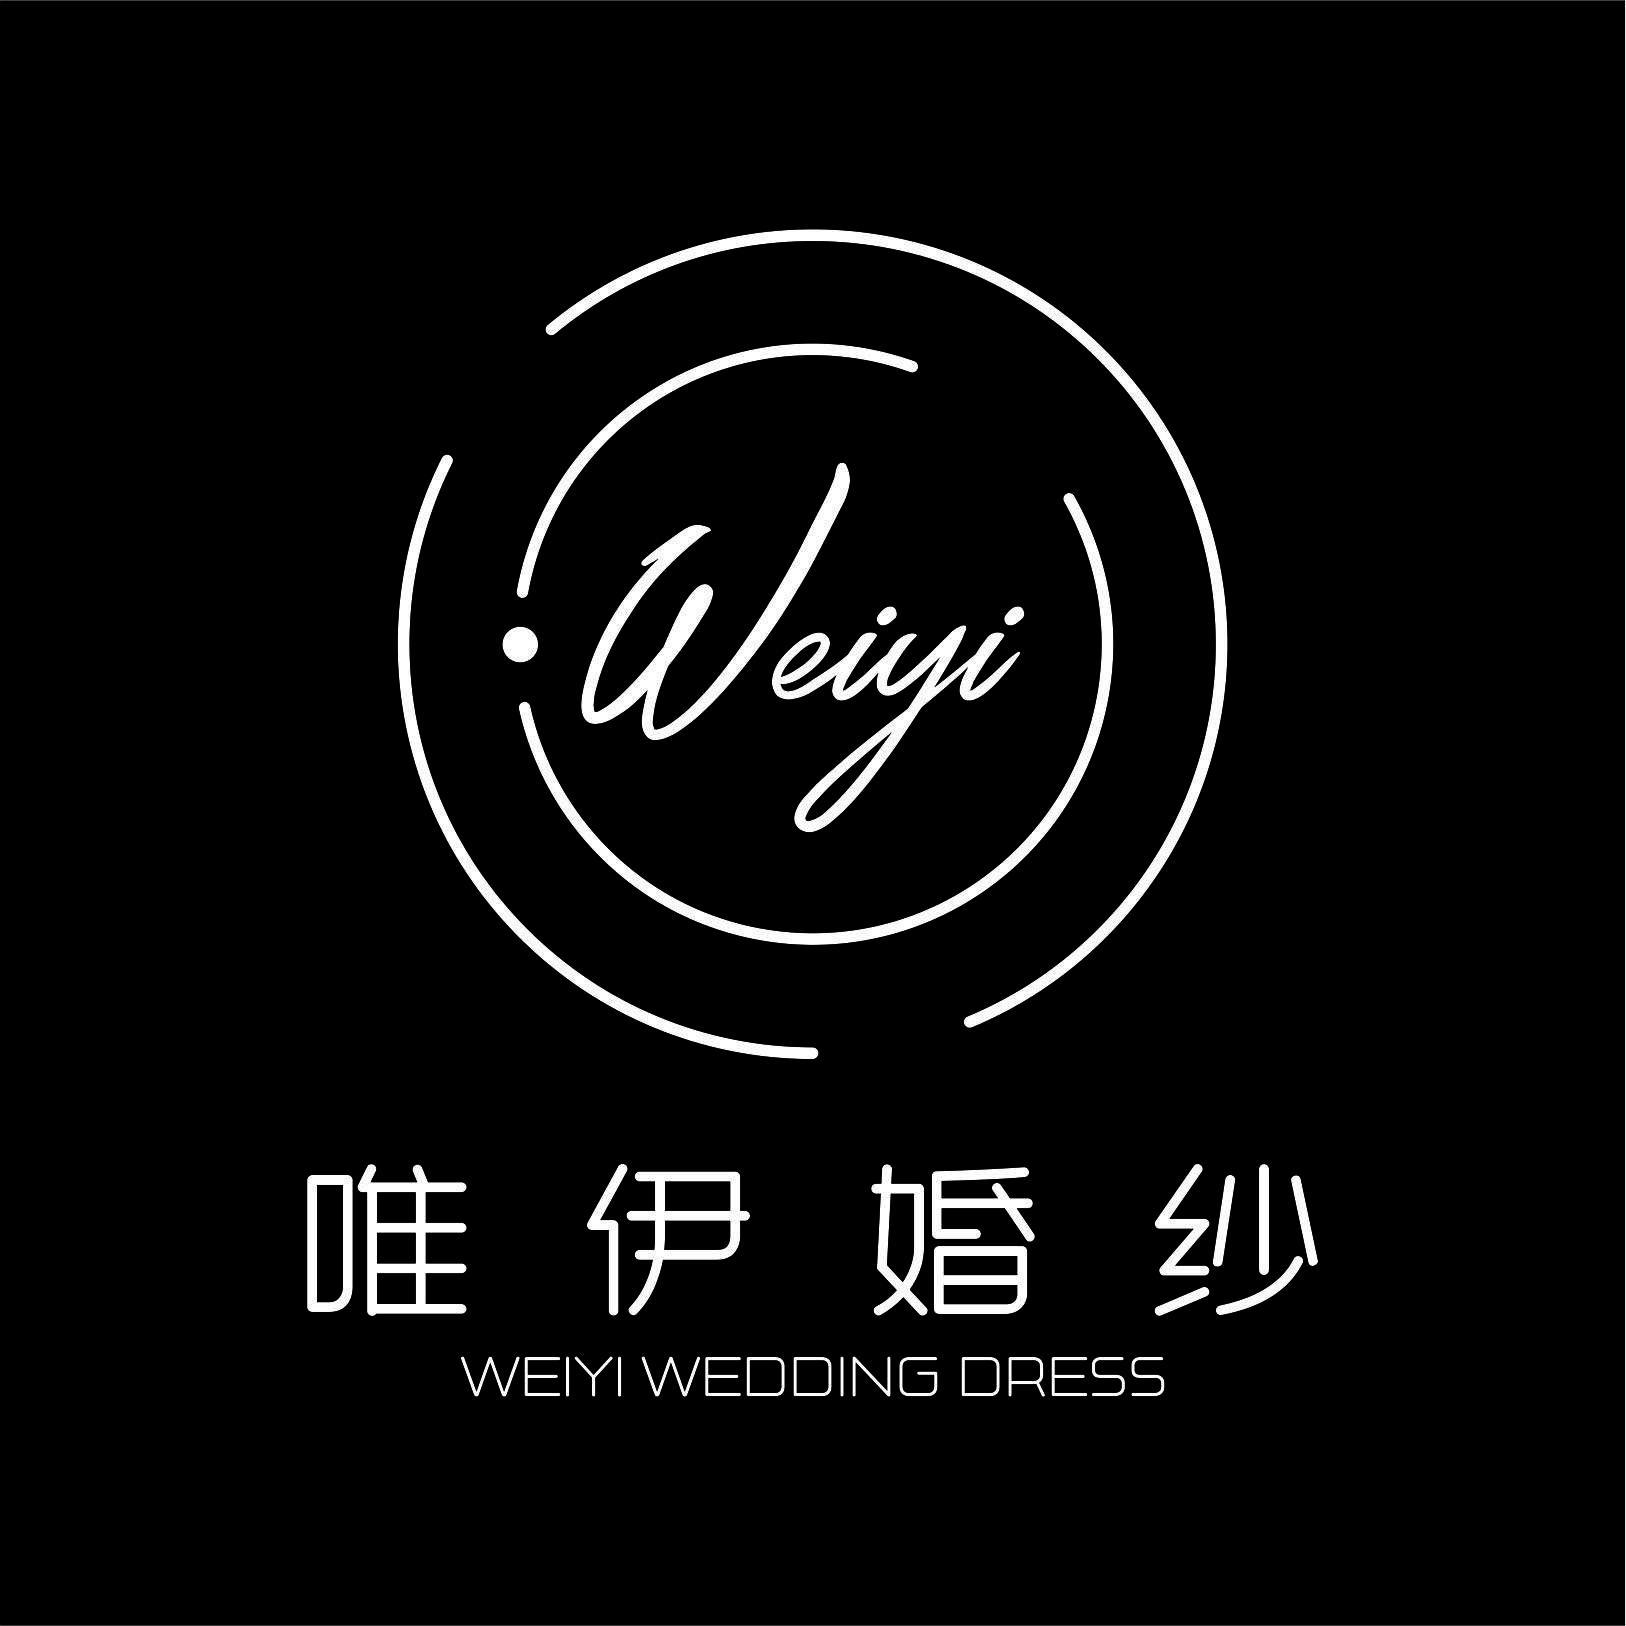 唯伊视觉婚纱摄影(汕头店)